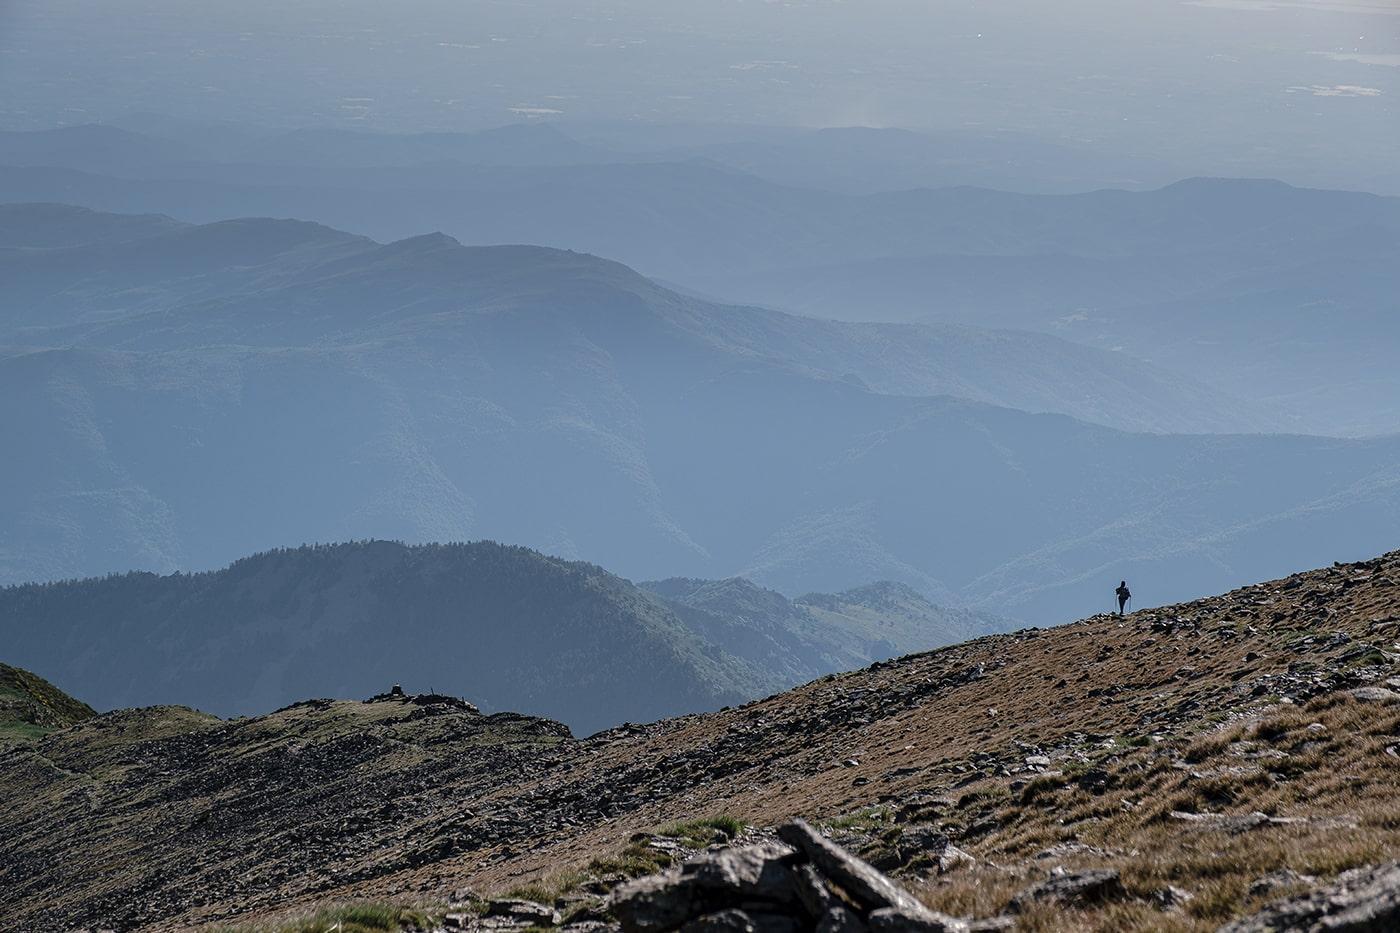 Retour du Canigou paysage magnifique sur less Pyrénées Orientales